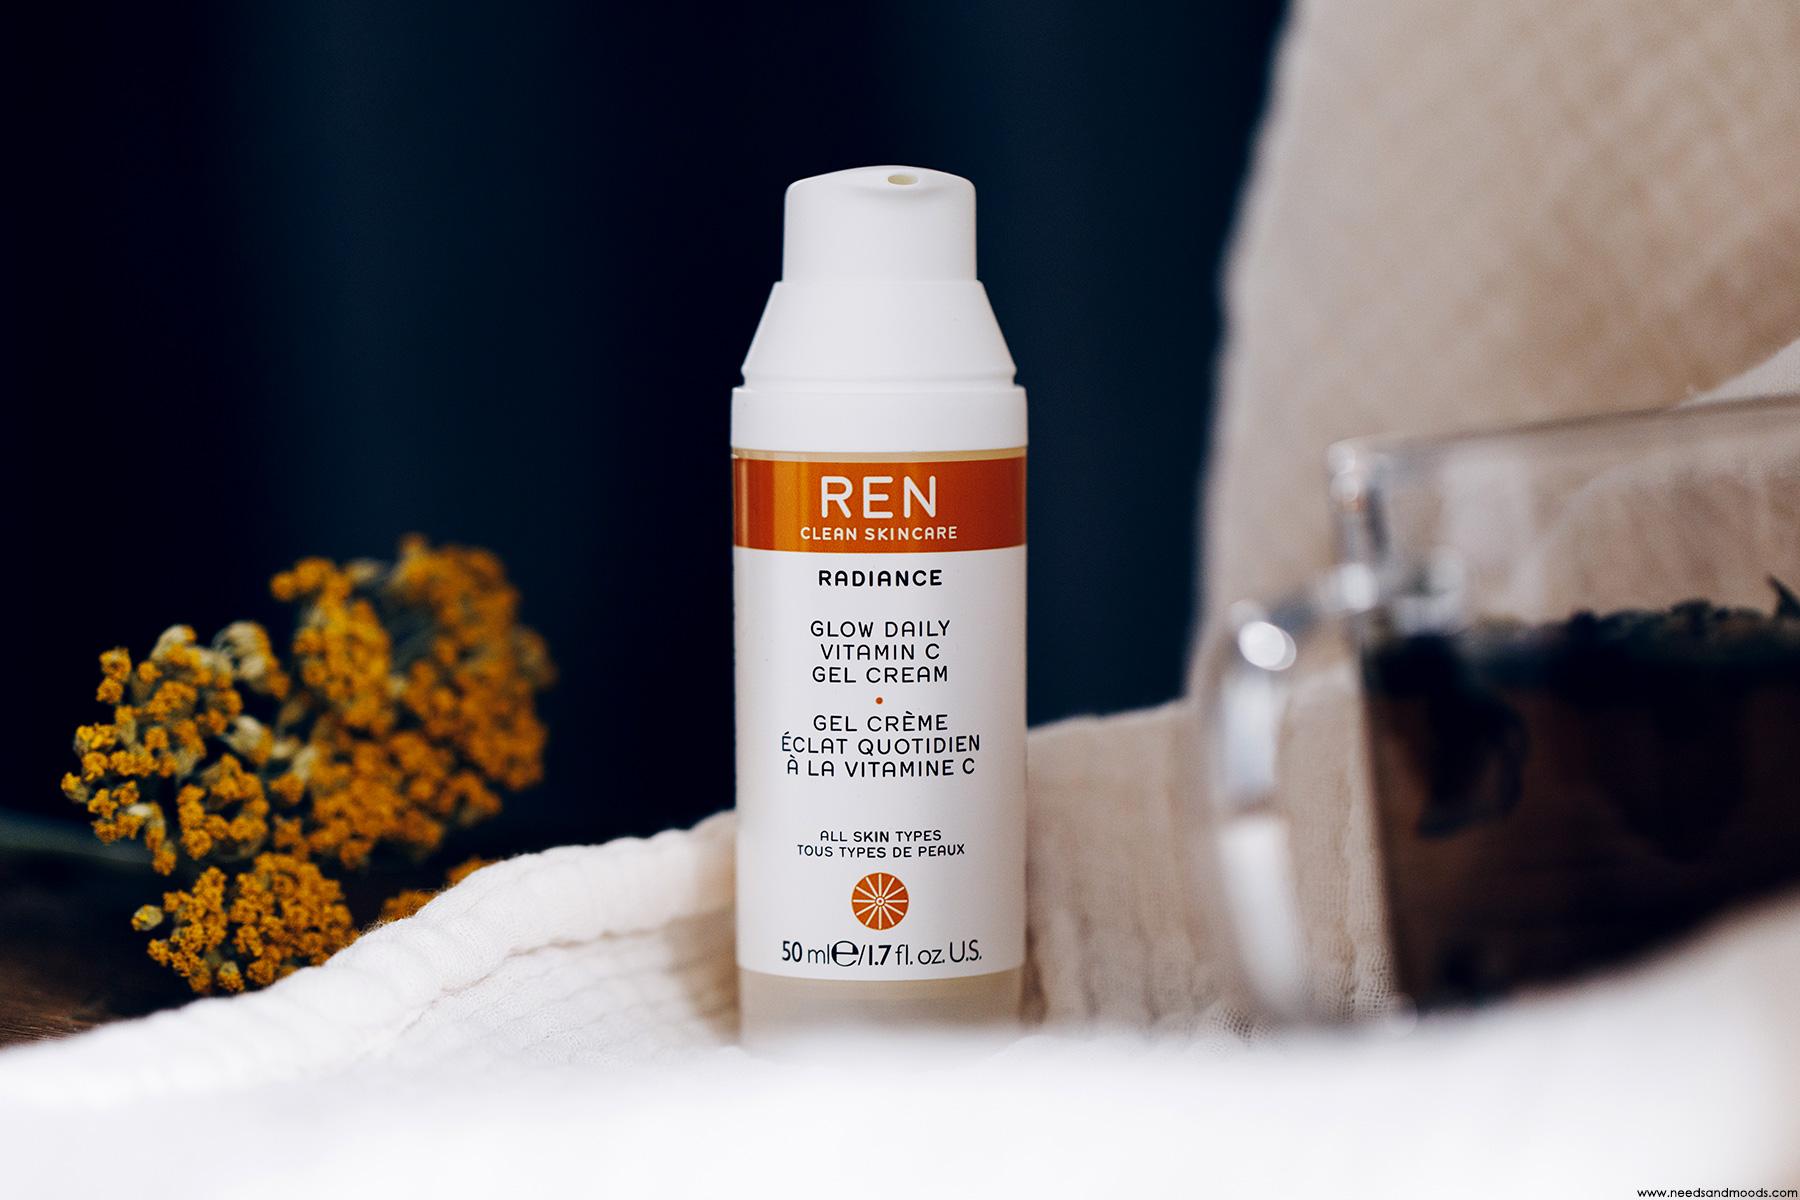 REN Skincare Gel Creme Eclat Quotidien Vitamine C